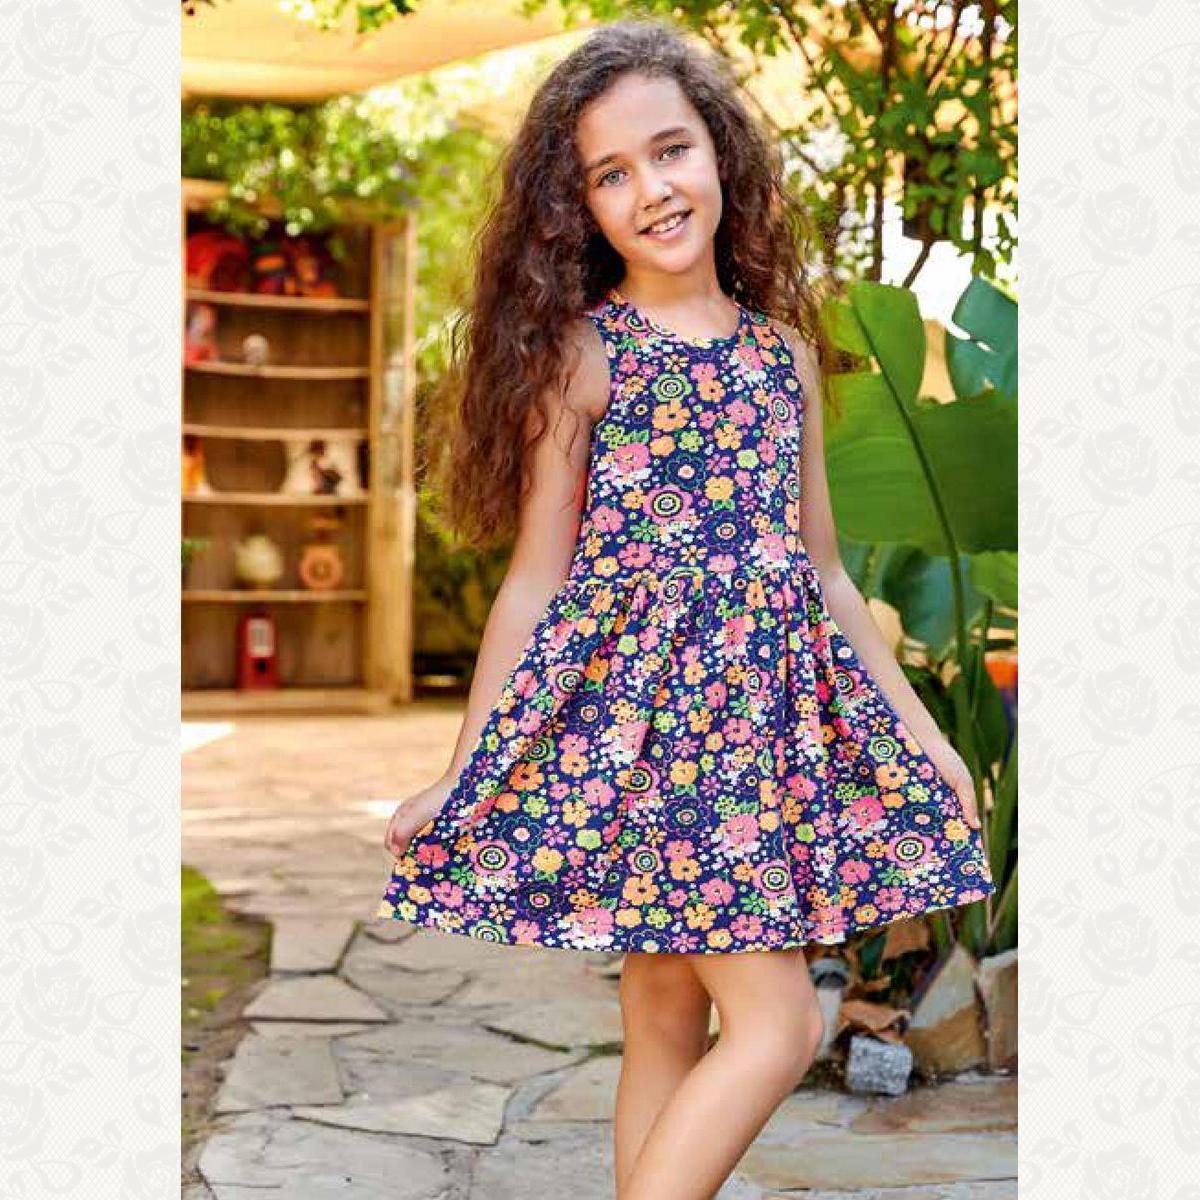 Домашнее платье для девочки, цвет синий с фото